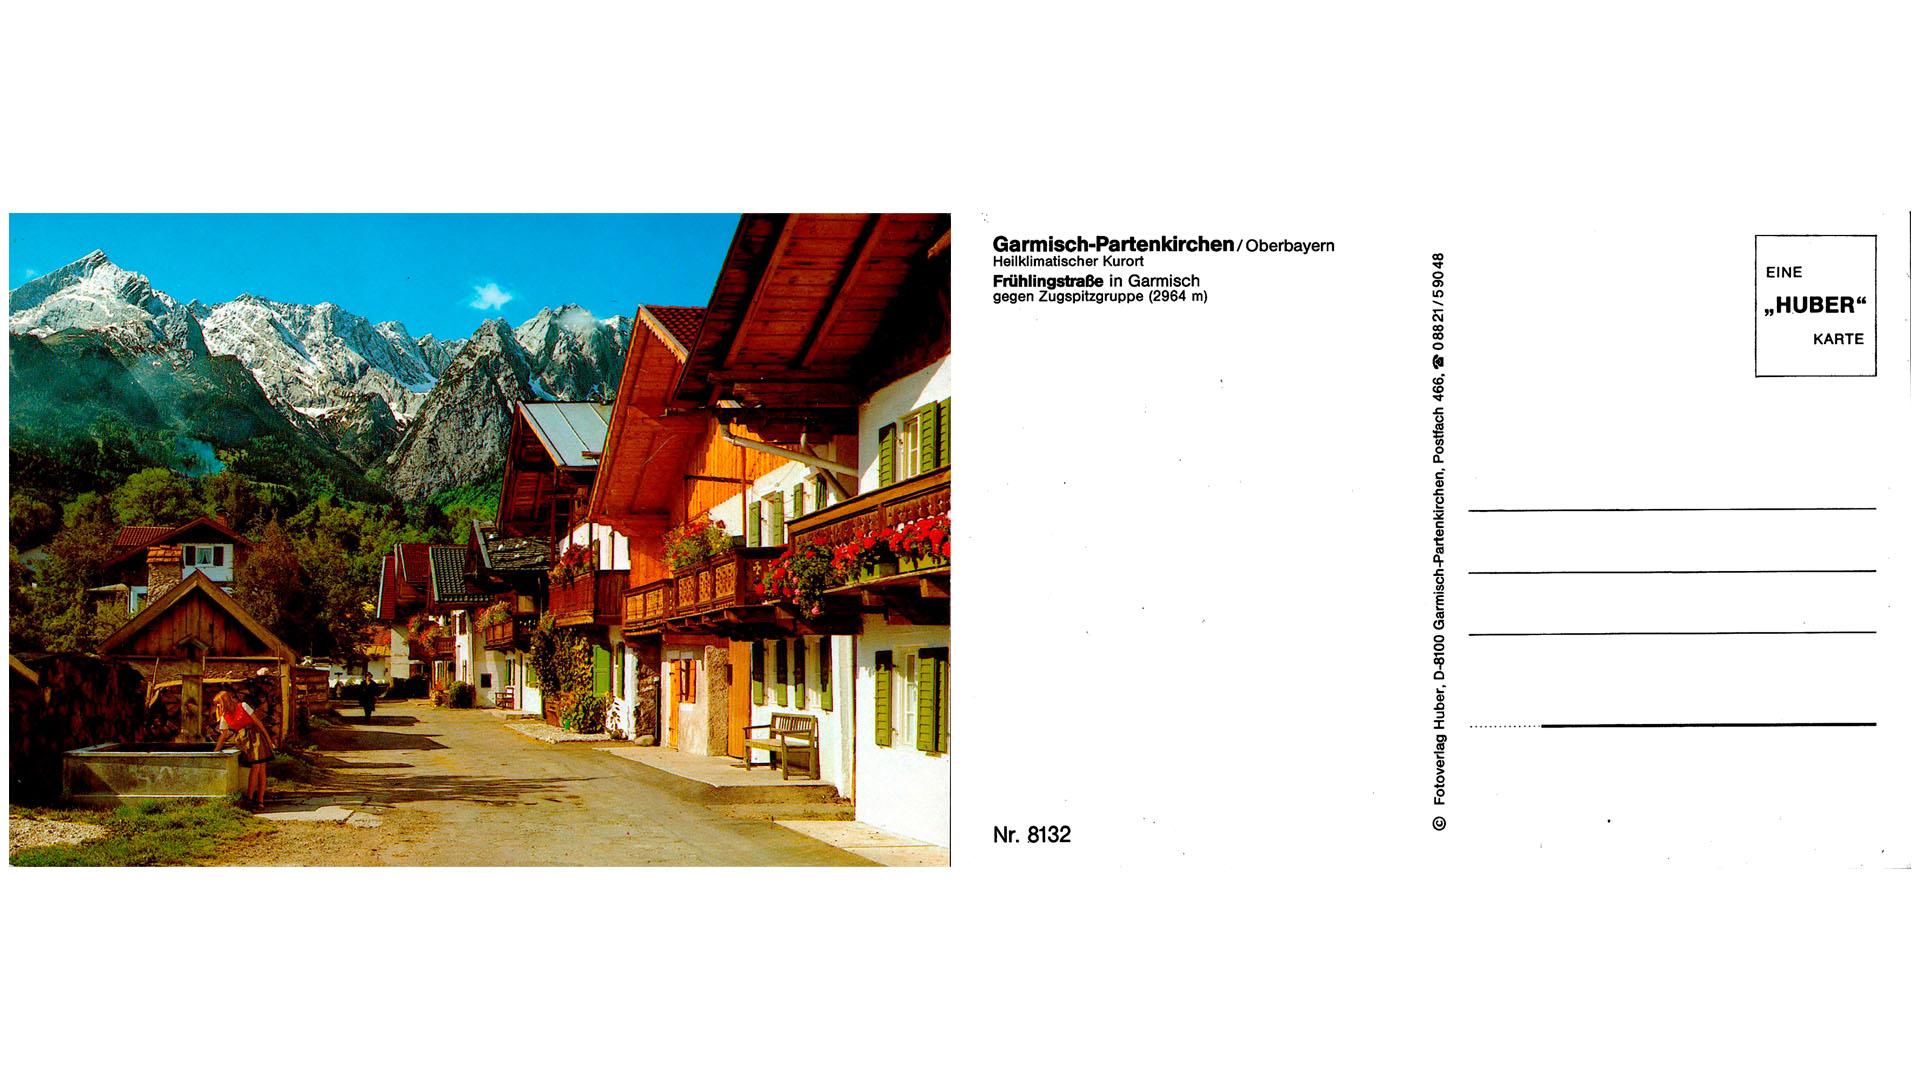 Garmisch-Partenkirchen - Frühlingstraße